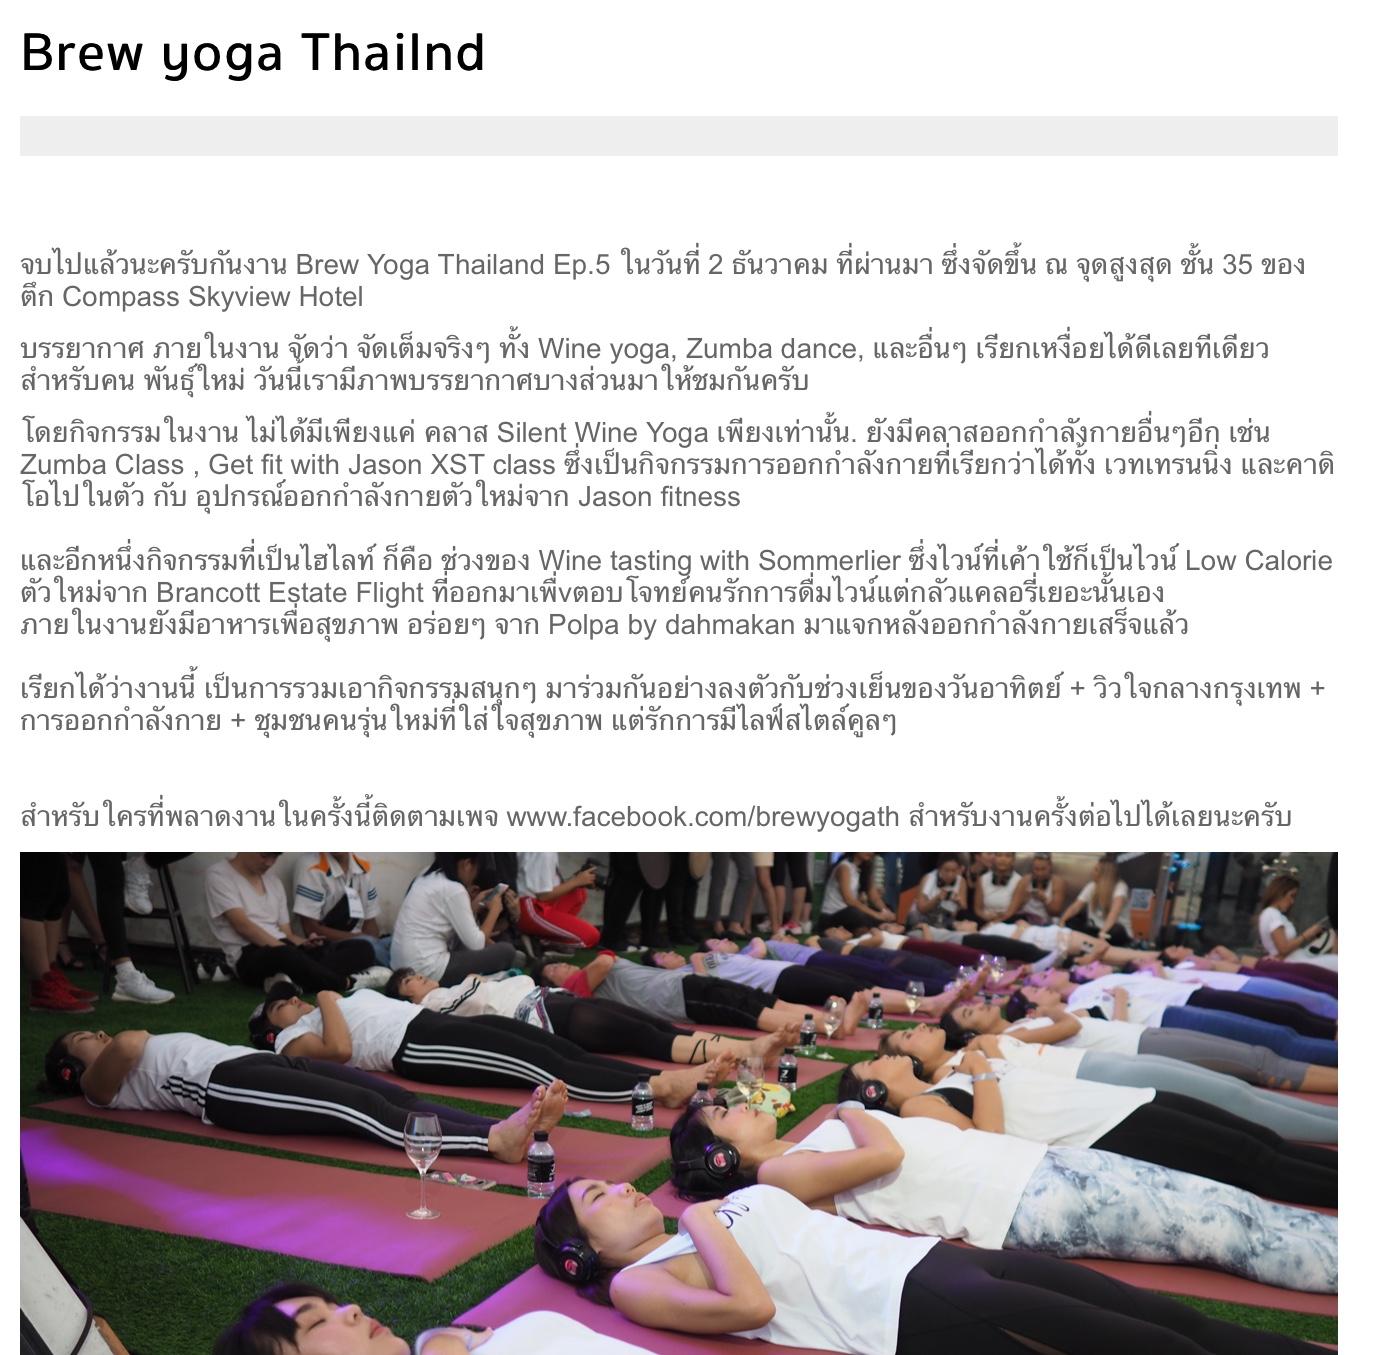 Brew yoga Thailnd